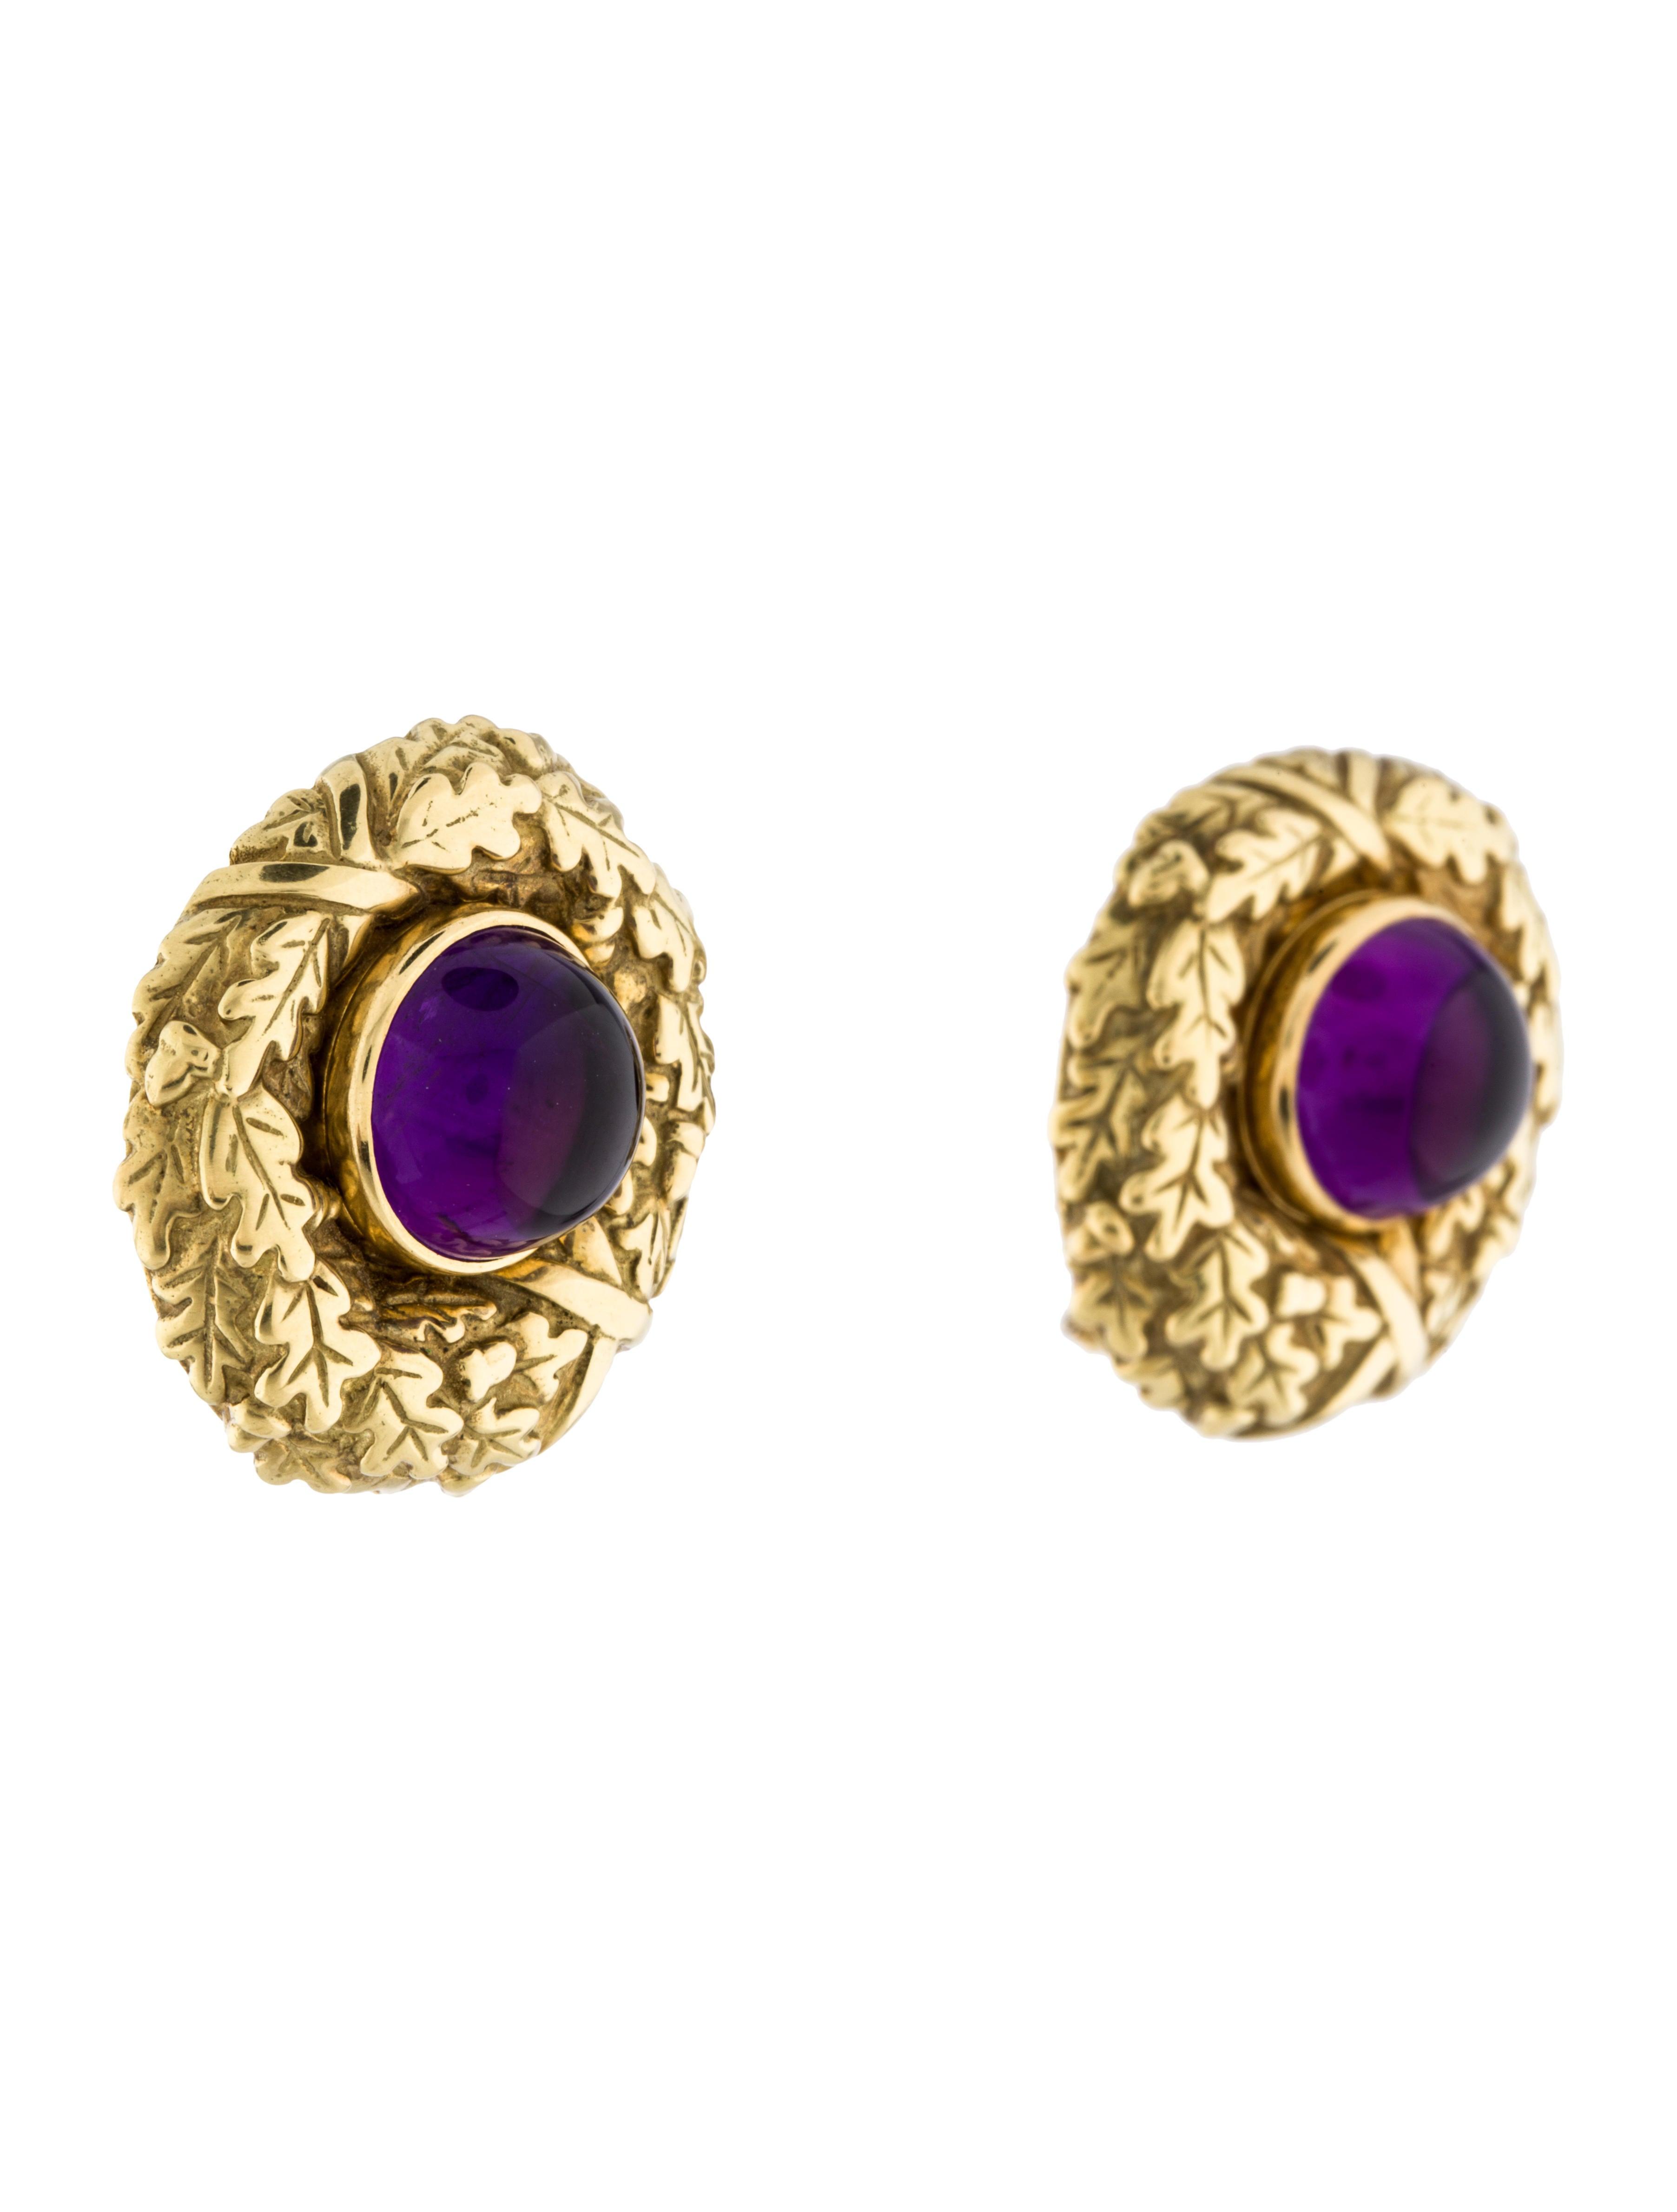 Lagos Interchangeable Gemstone Earrings Set Earrings